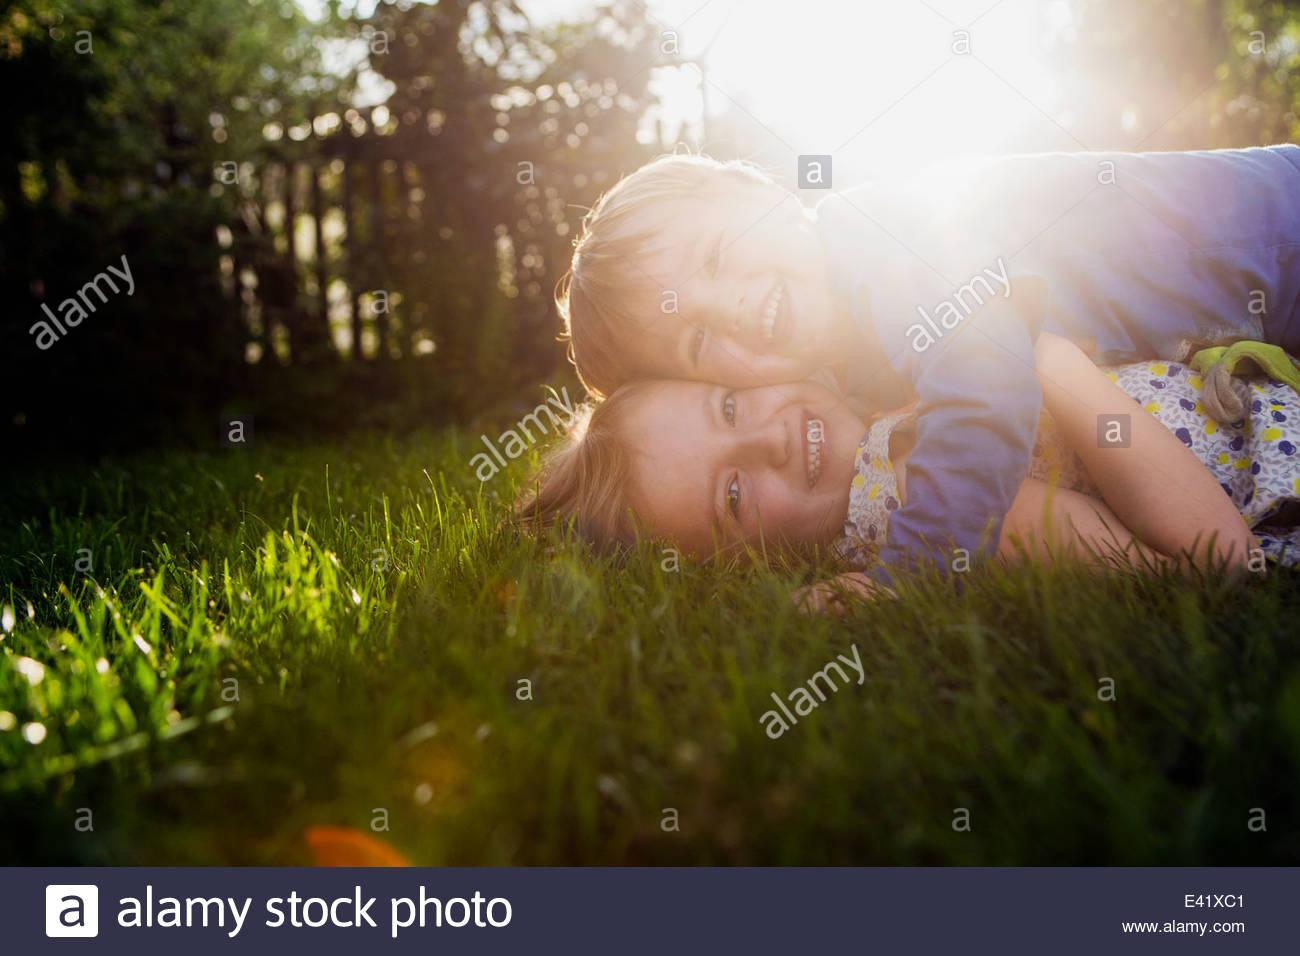 Frère et sœur couchée sur l'herbe, serrant Photo Stock